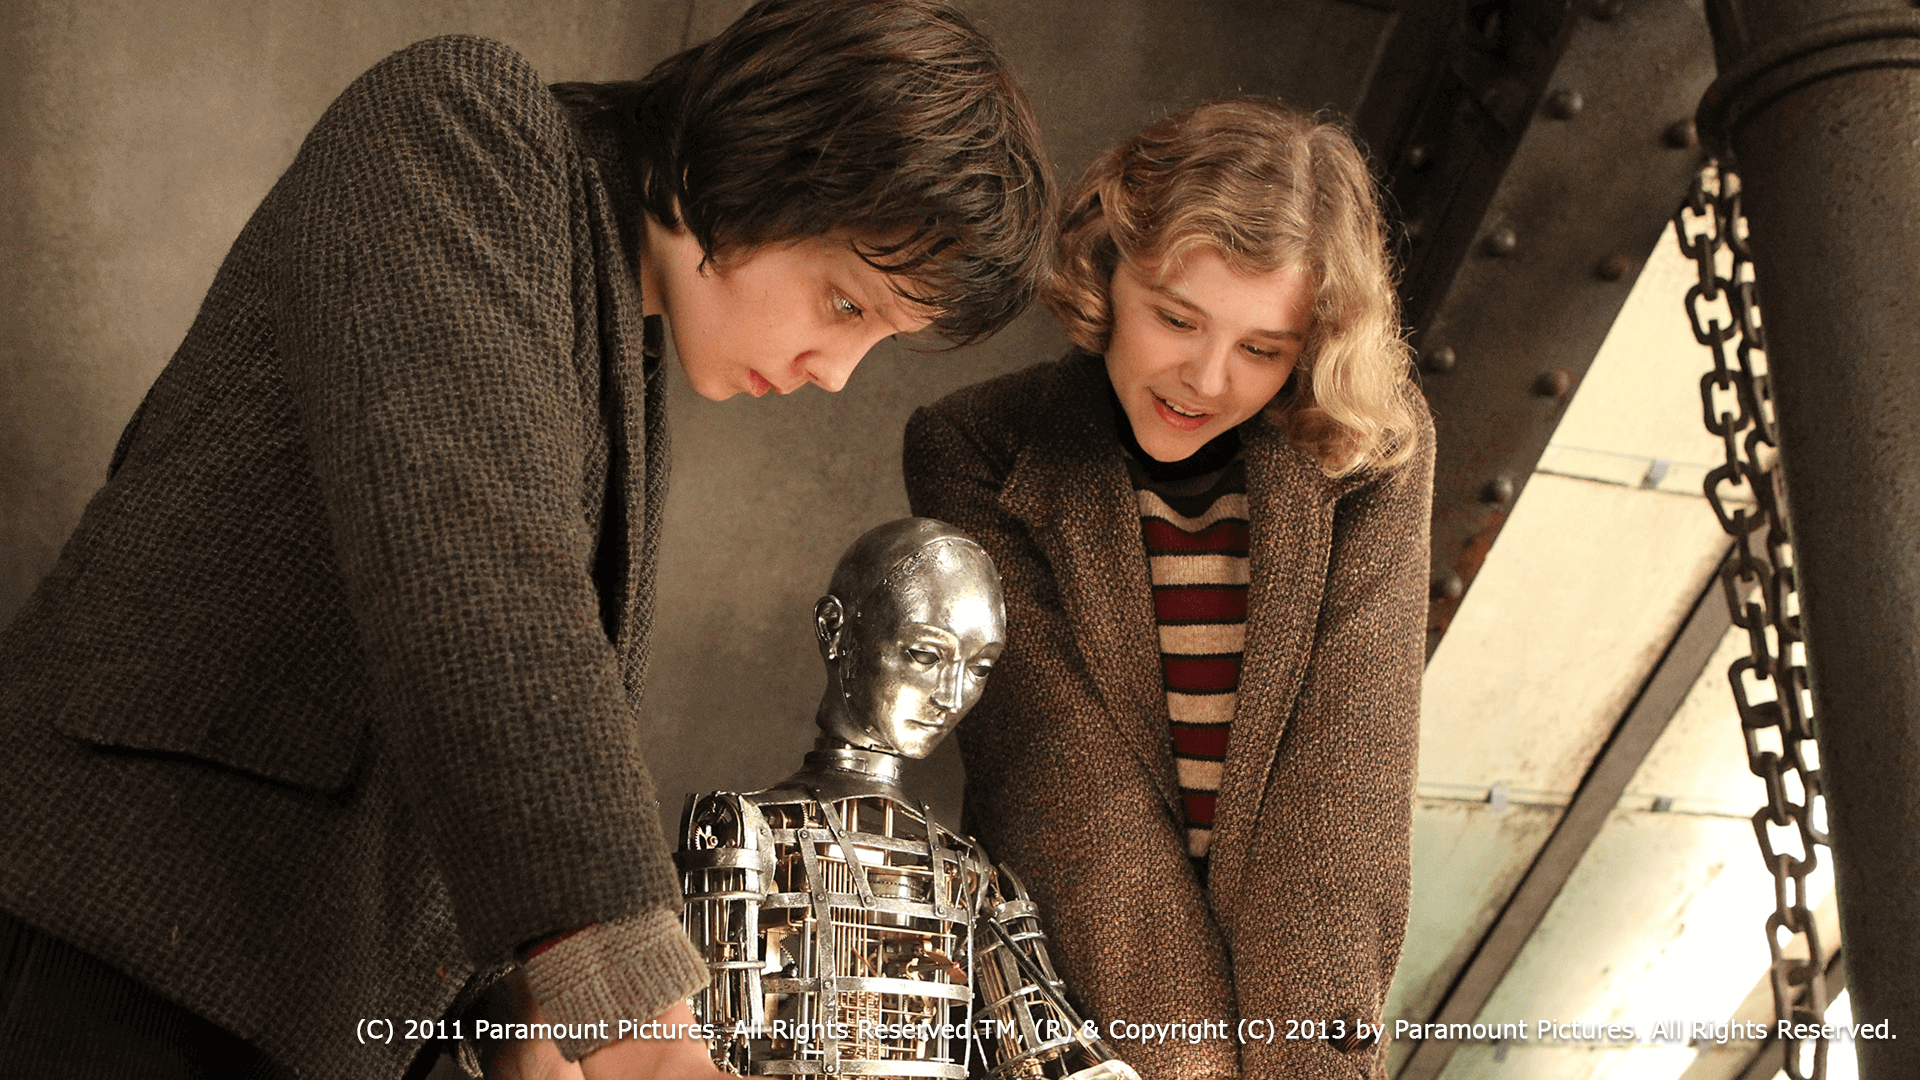 『ヒューゴの不思議な発明』 オートマトン(自動人形)の謎と幸福なフィナーレ